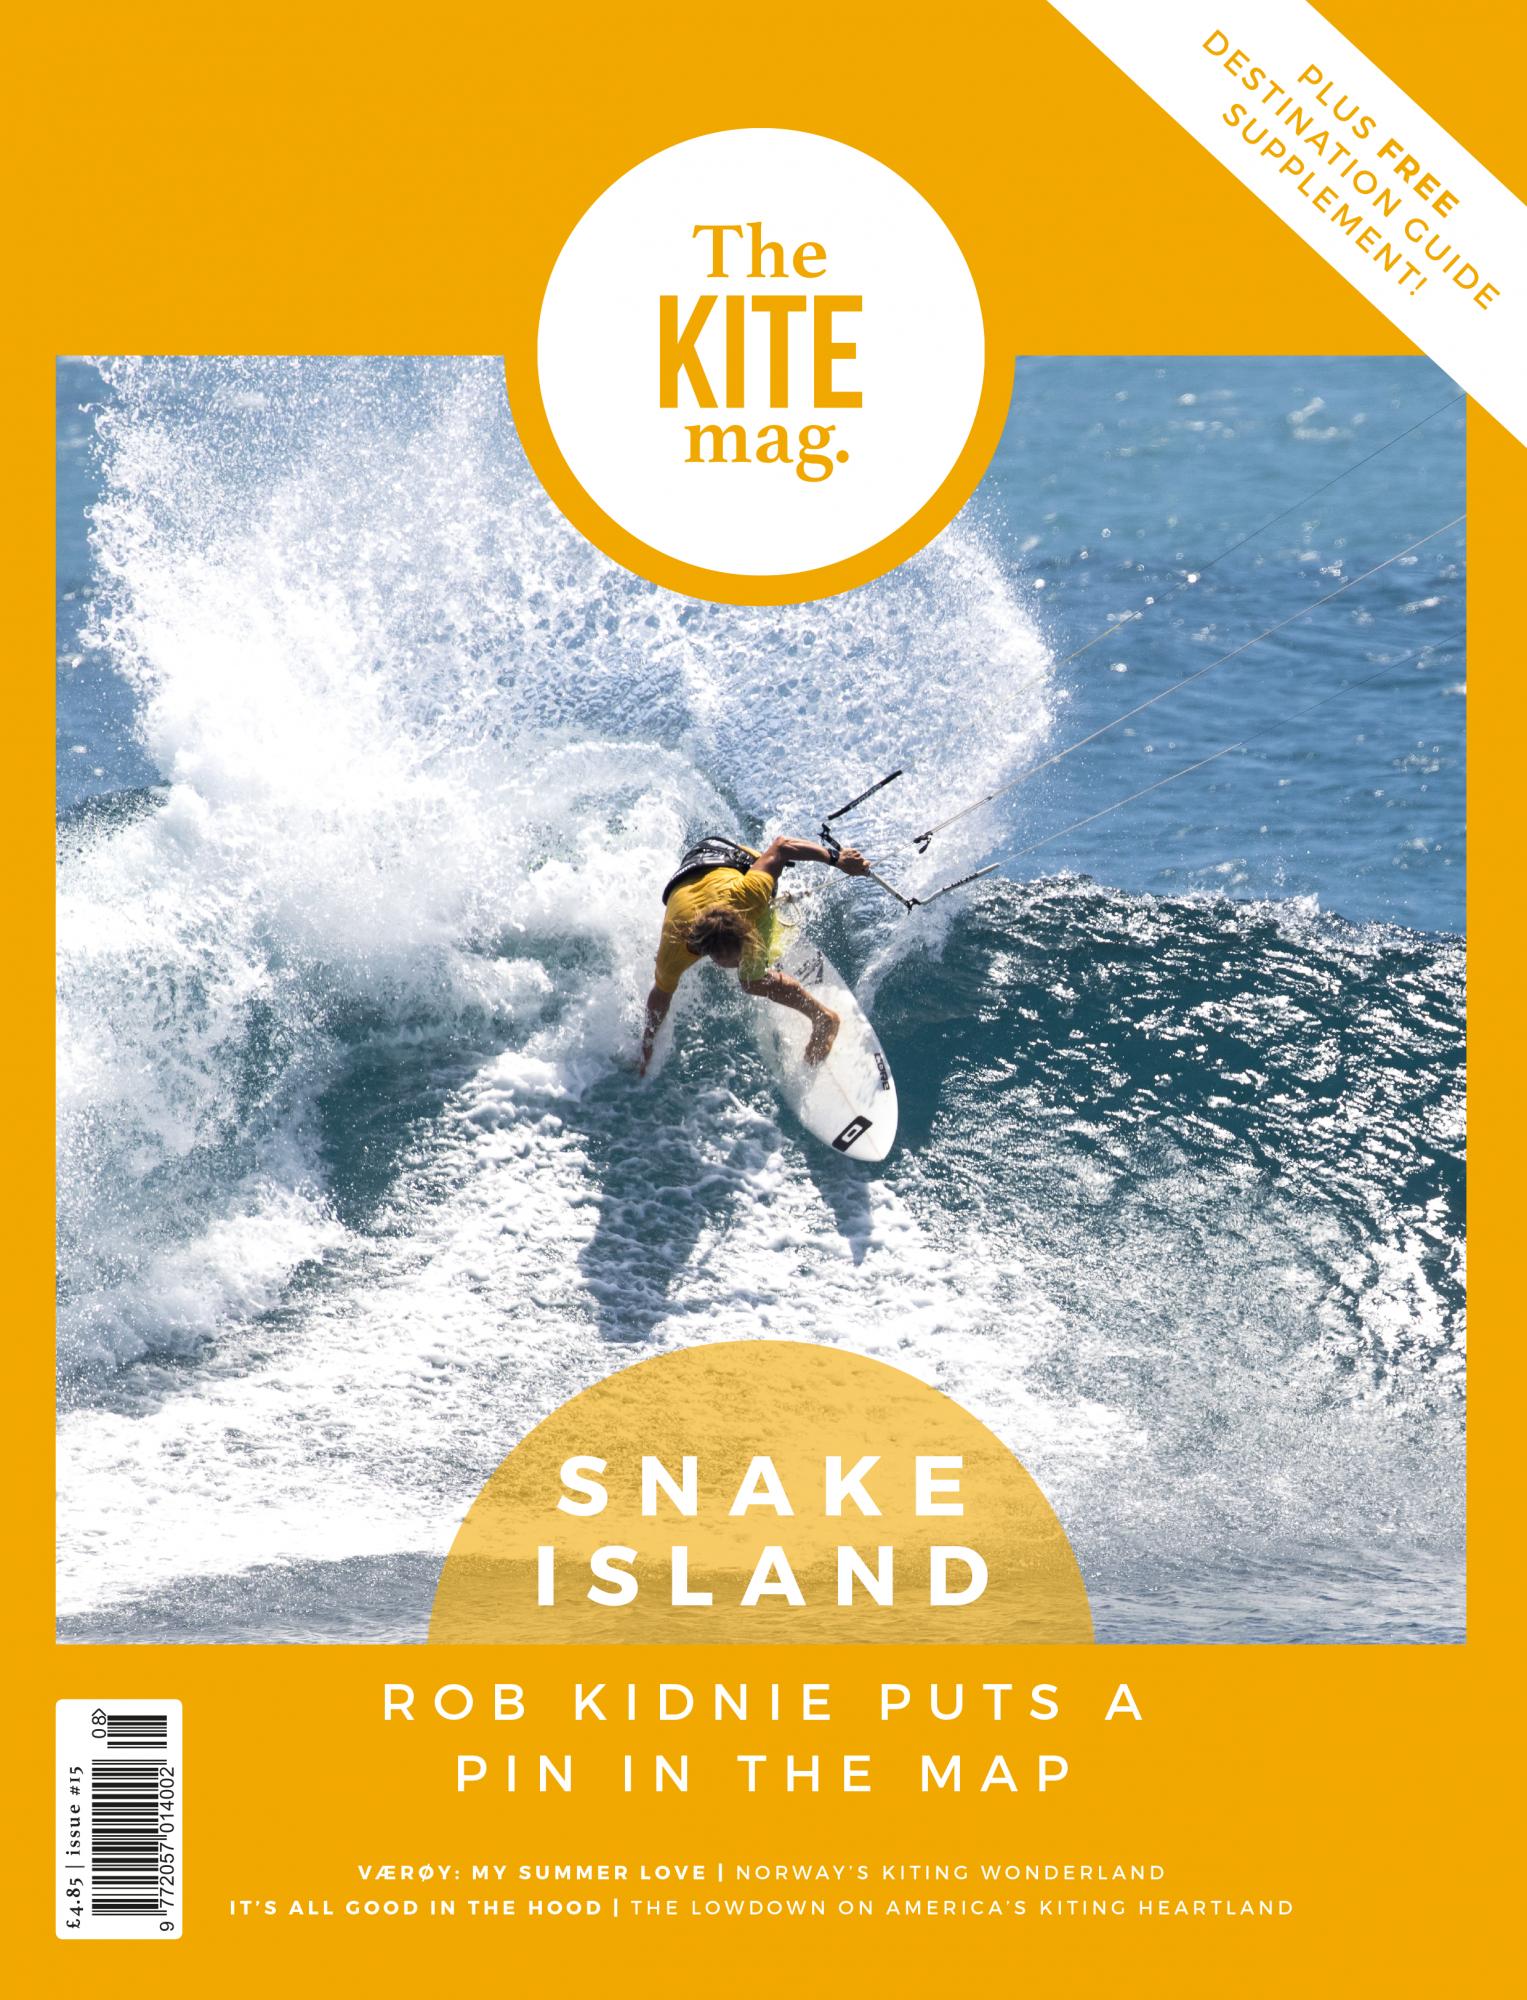 TheKiteMag Issue 15 Cover HR - TheKiteMag - Nederlands